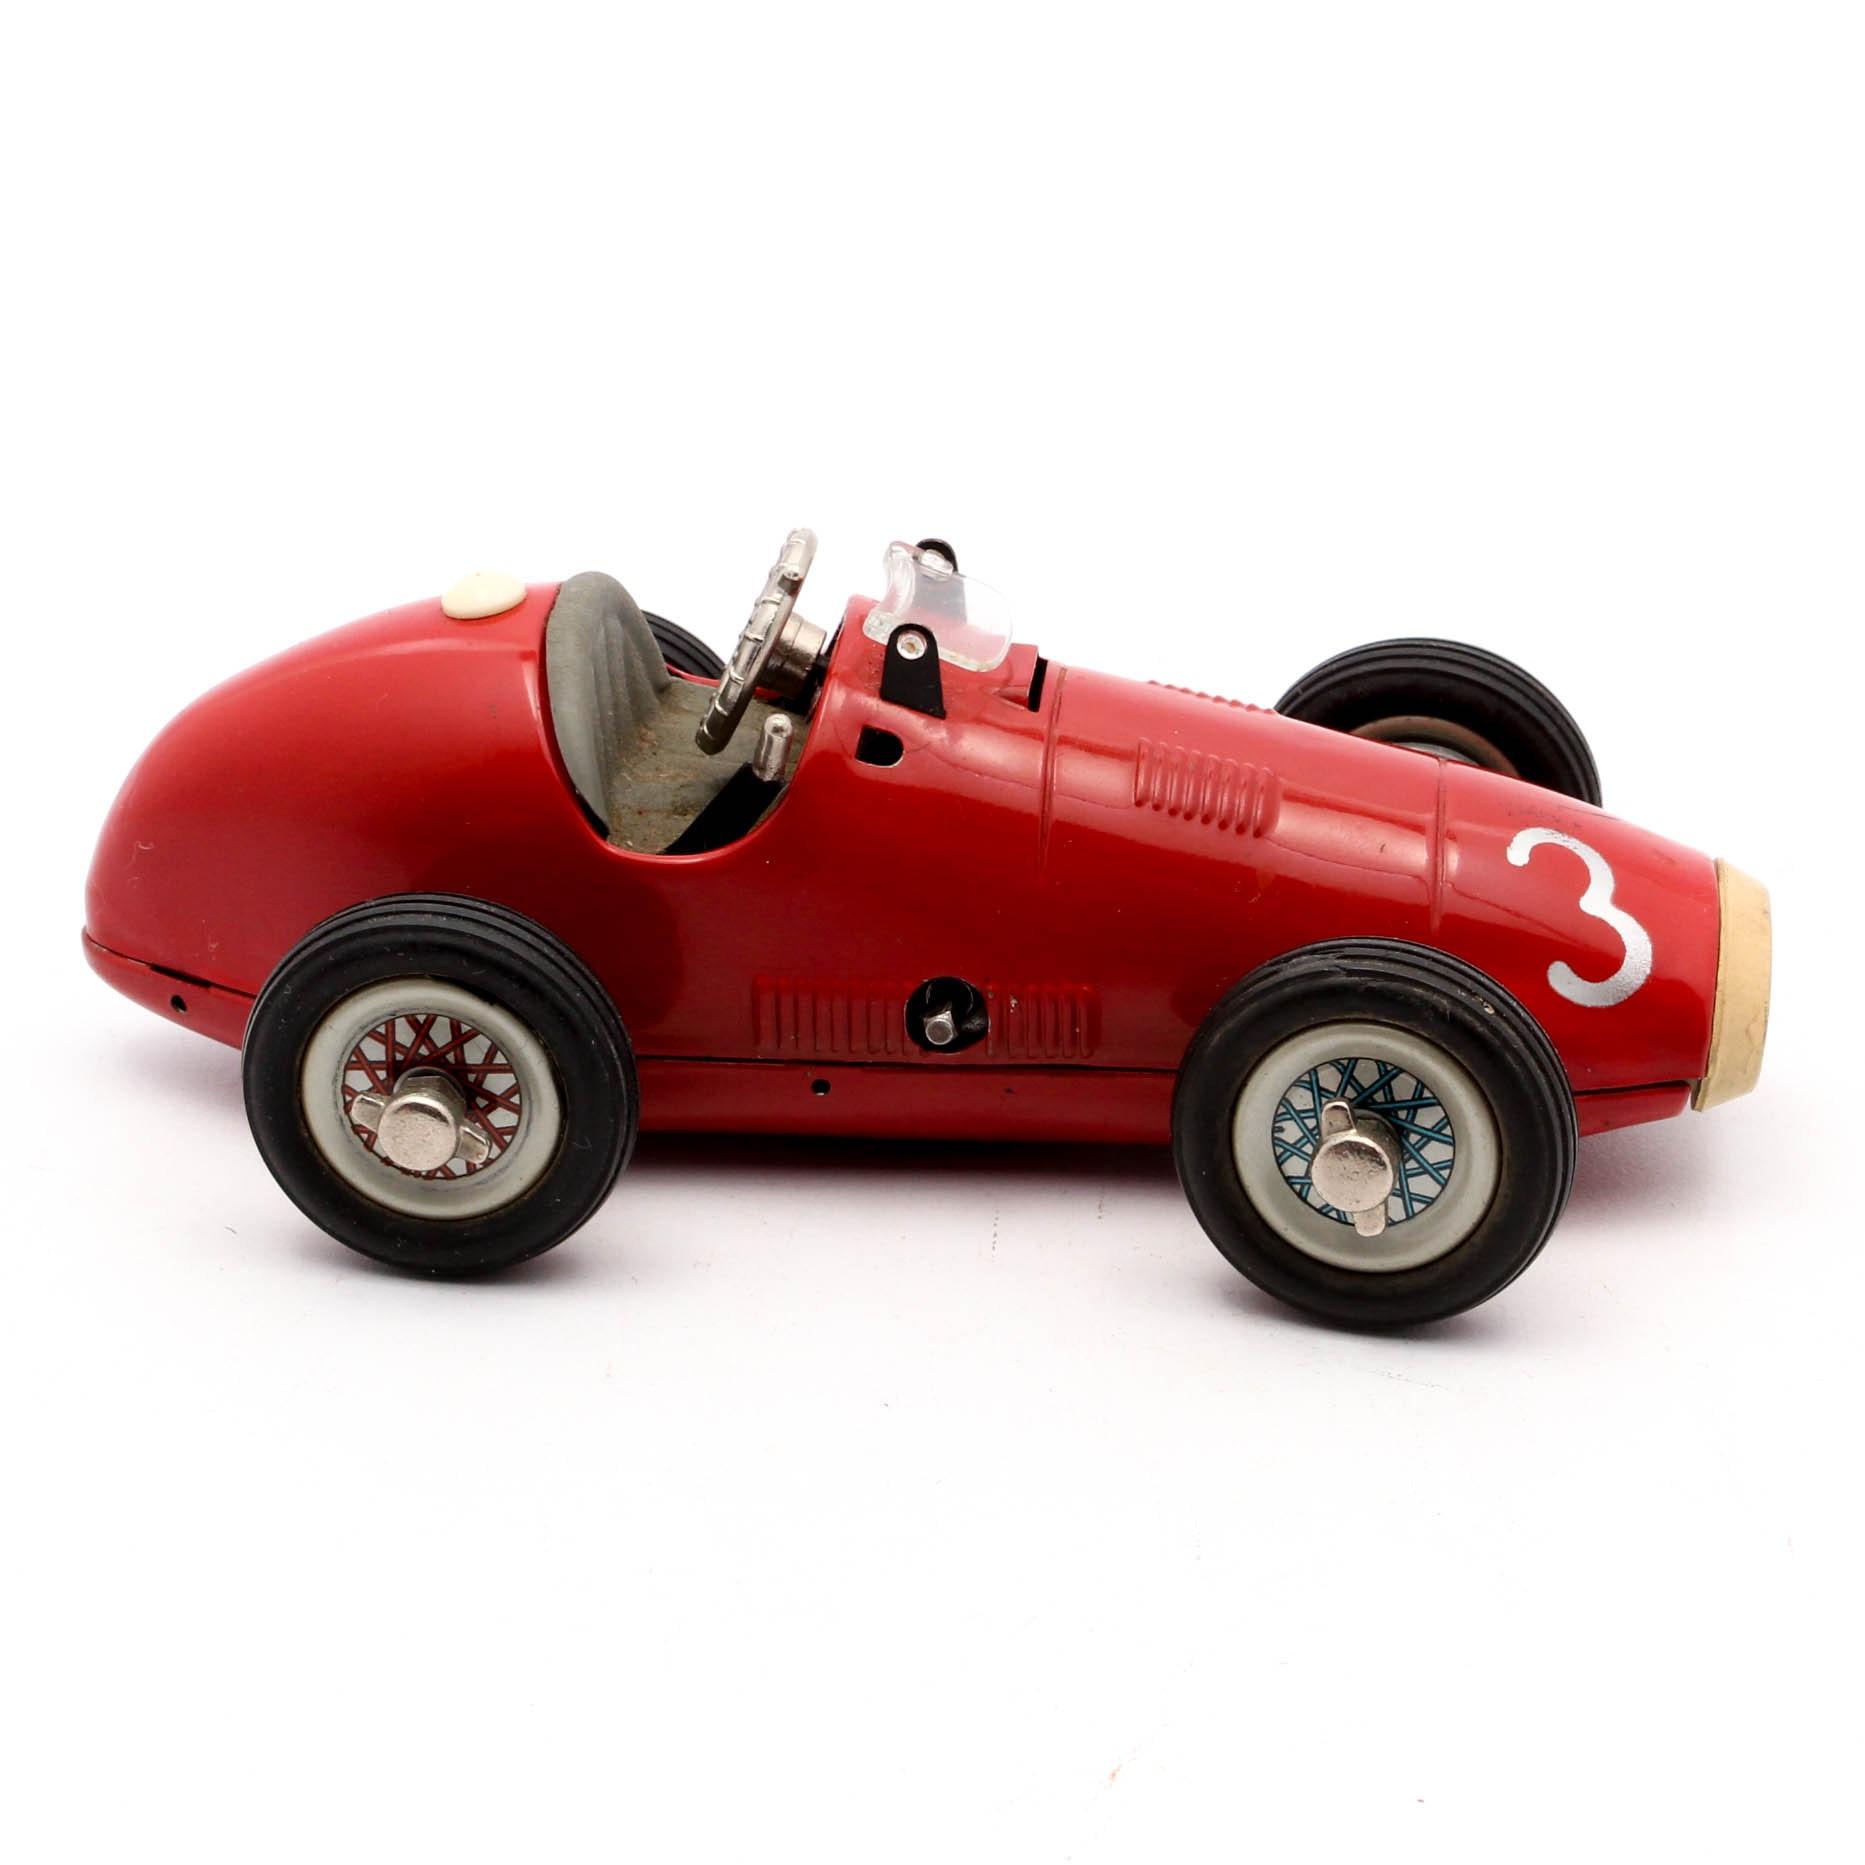 Vintage Schuco Die-Cast Grand Prix Race Car